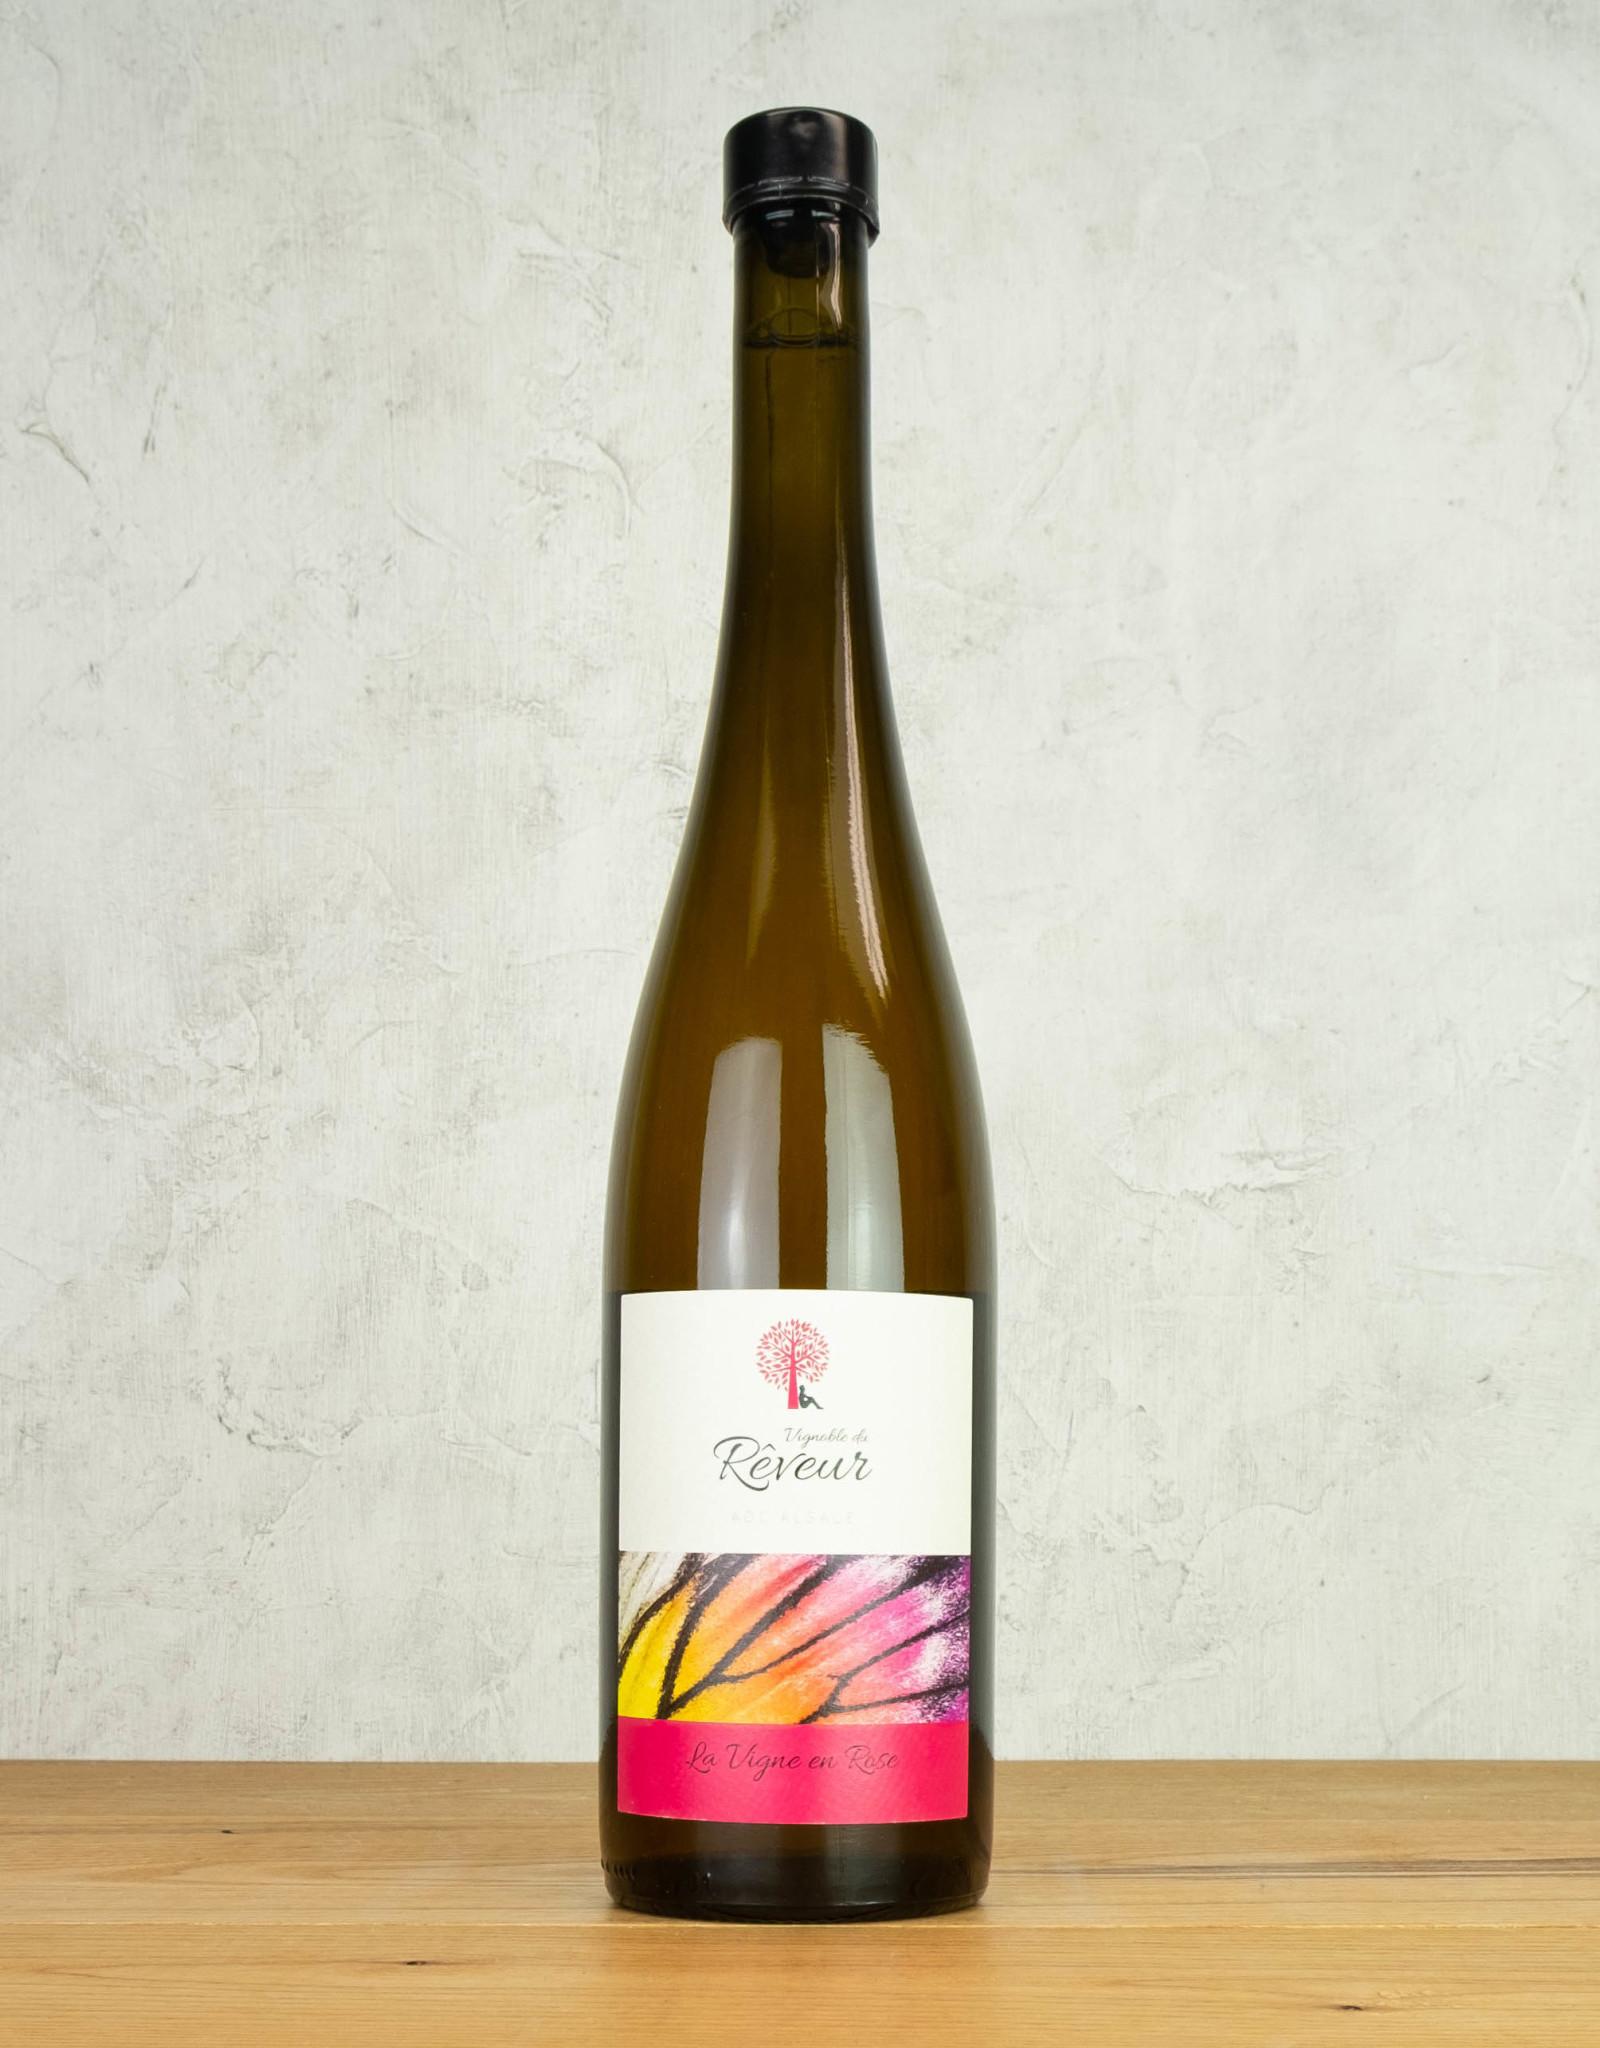 Vignoble du Reveur La Vigne en Rose